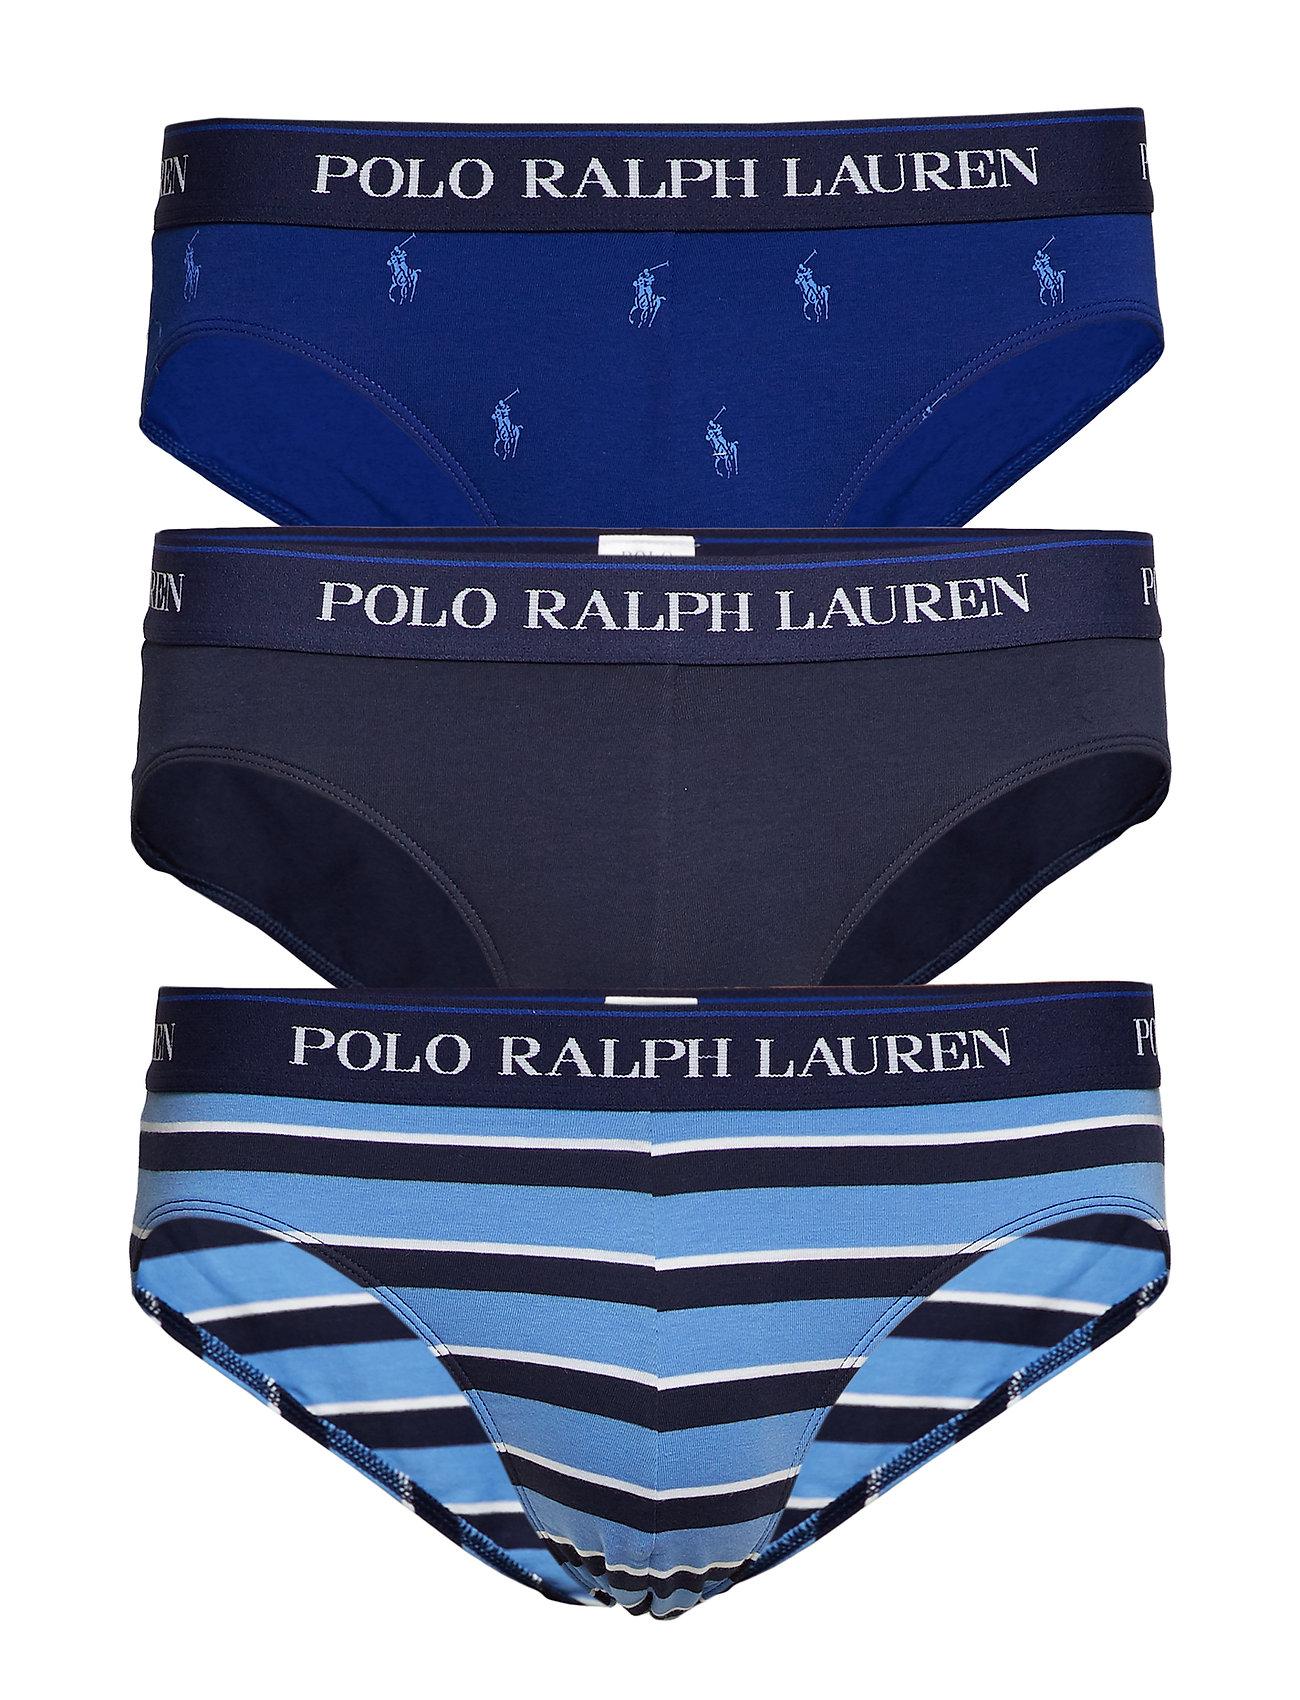 Polo Ralph Lauren Underwear Stretch-Cotton Brief 3-Pack - 3 PK NAVY/AOPP BE